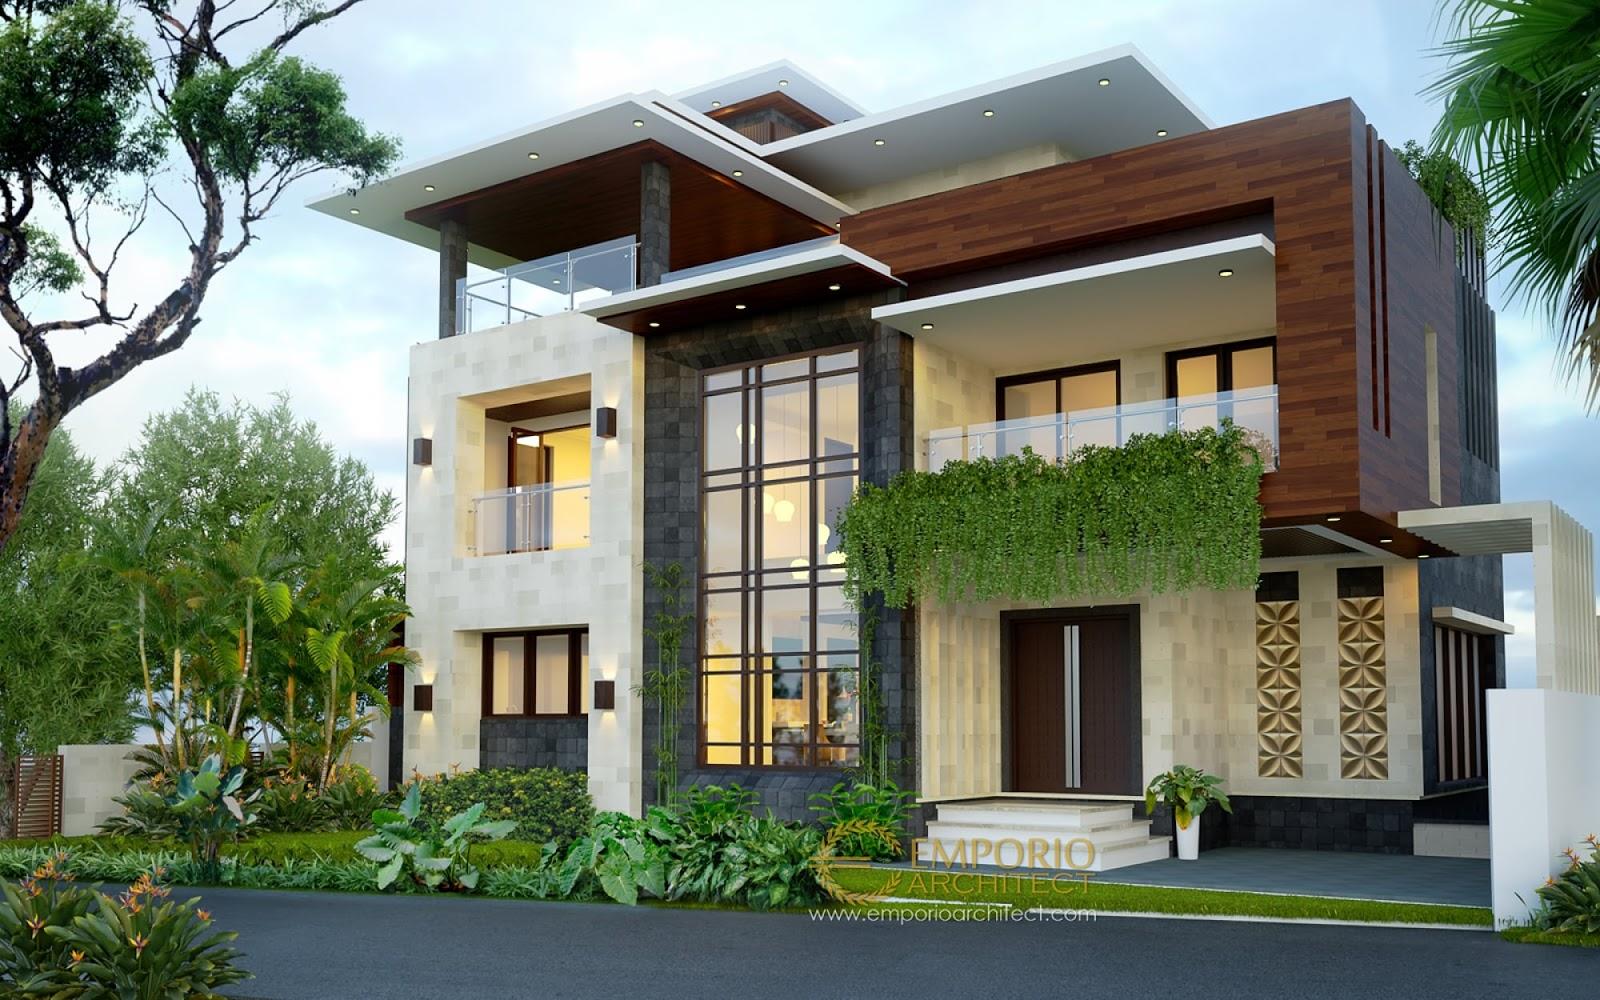 Desain Rumah Minimalis 2020 Terbaru sebagai Inspirasi